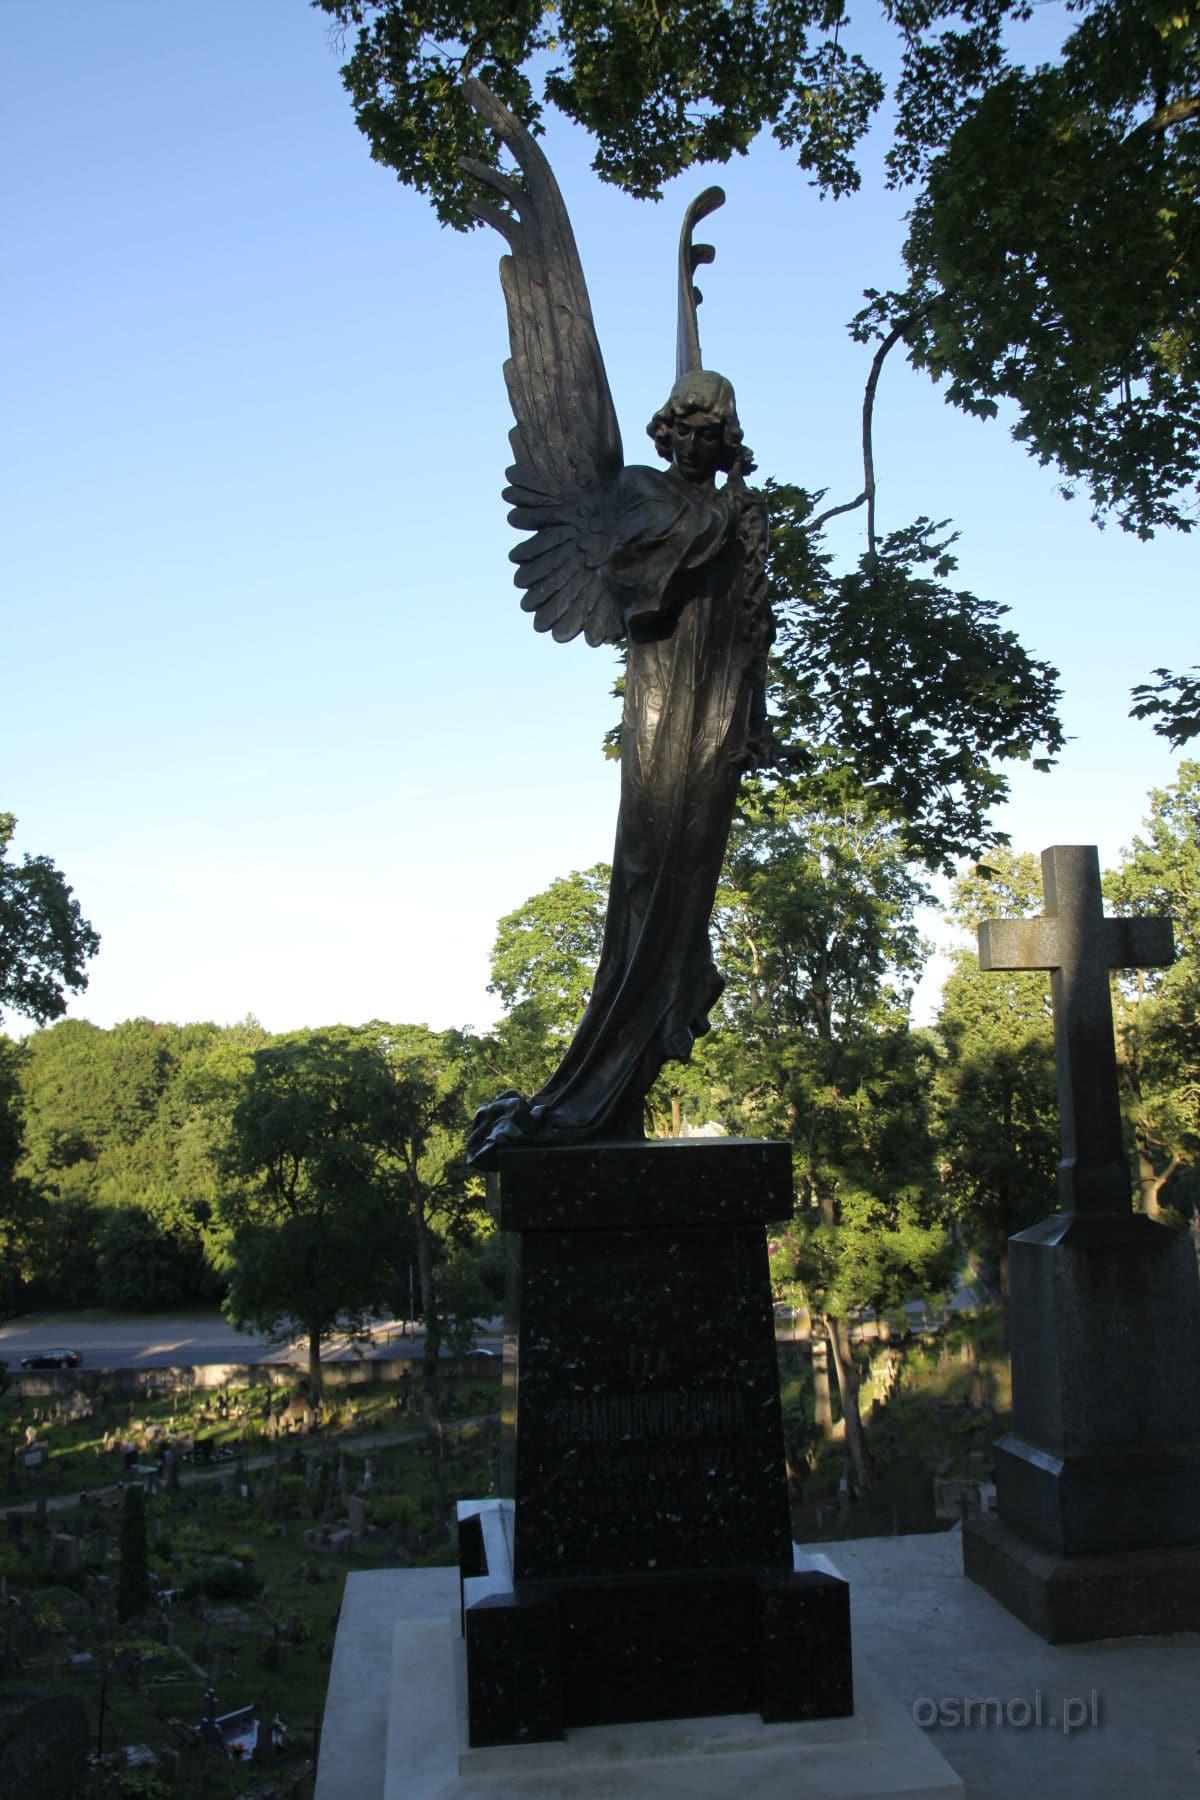 Grób i znany pomnik na wileńskiej Rossie